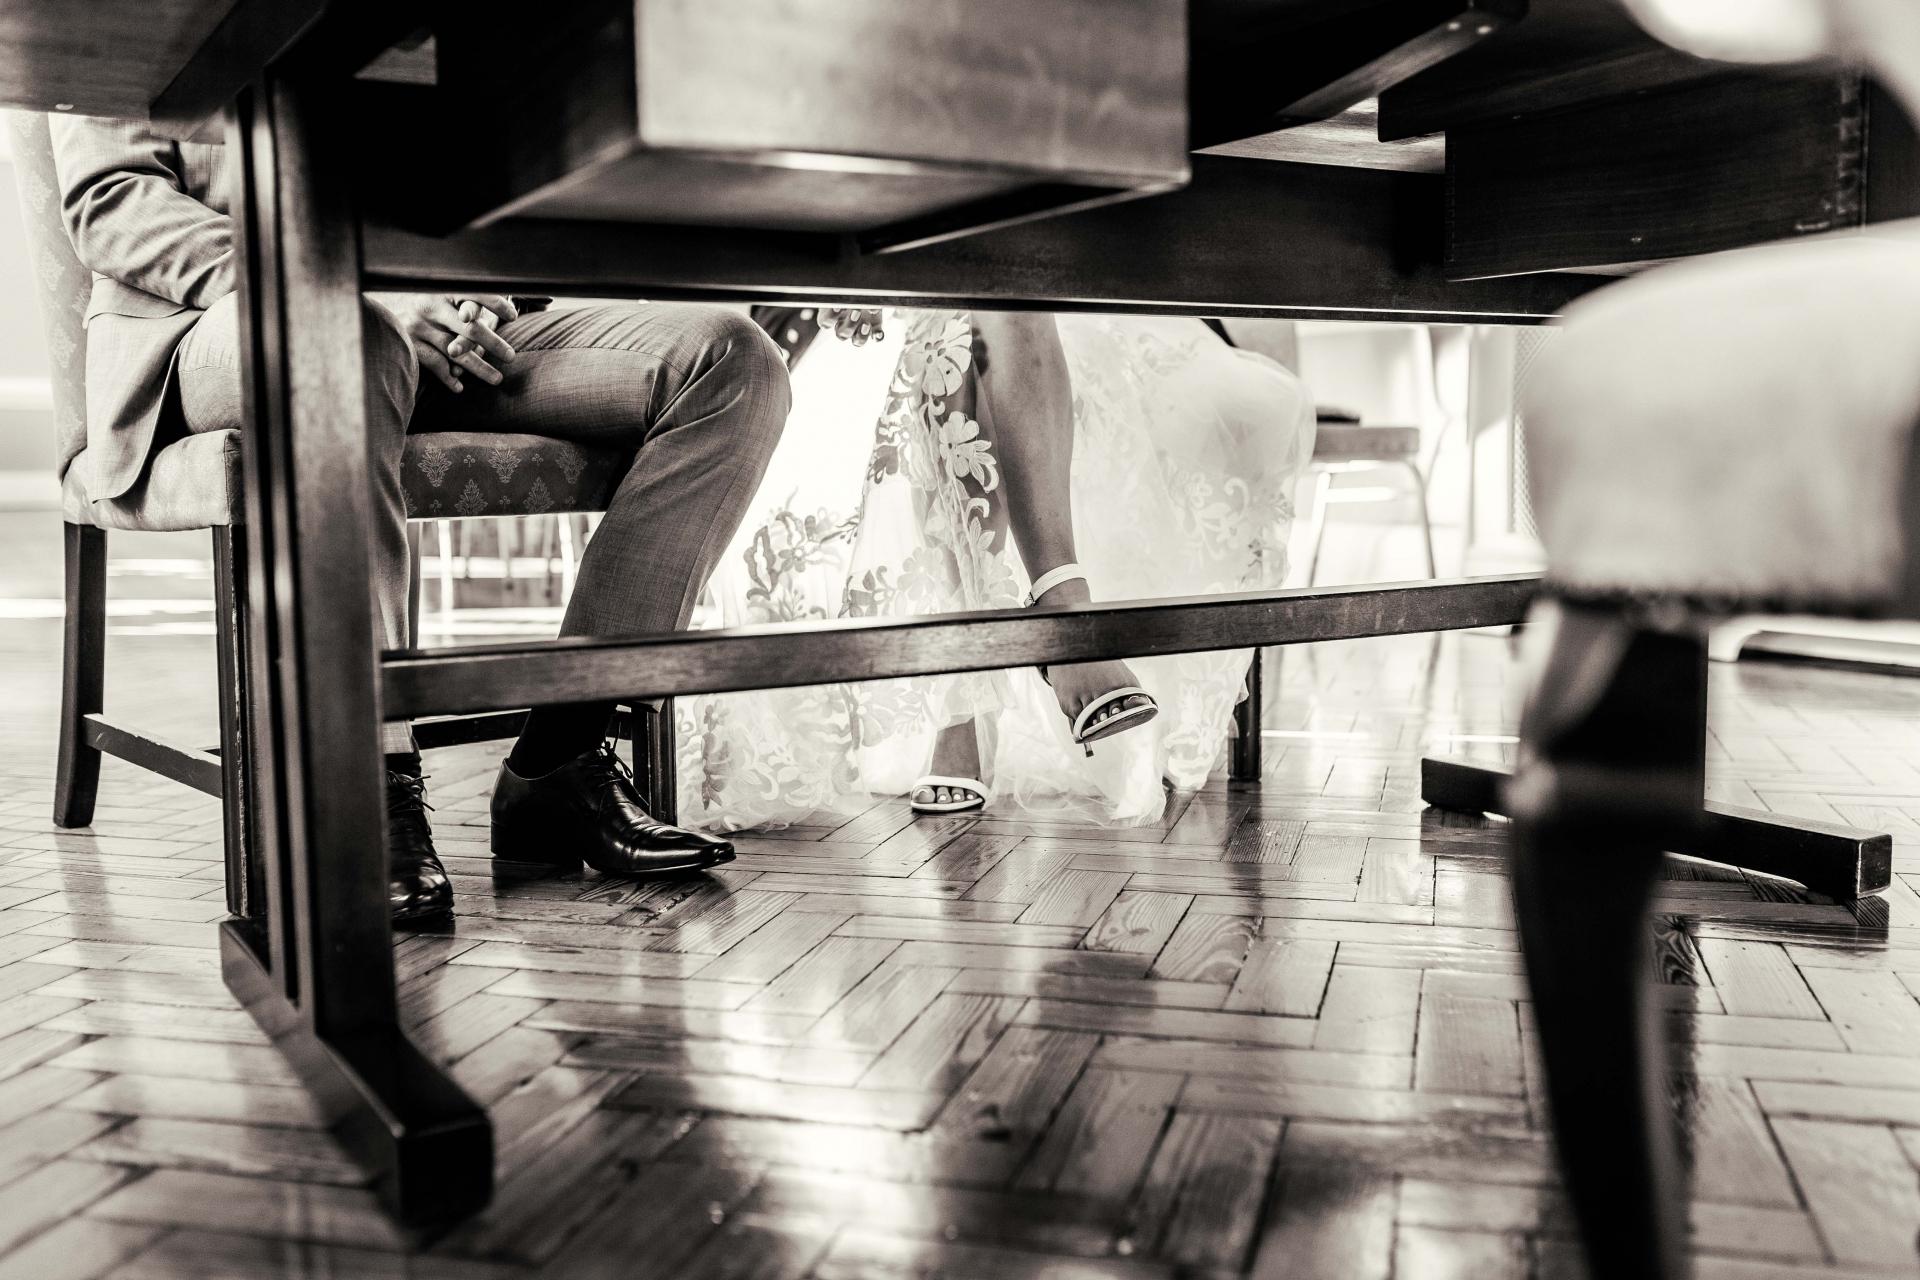 Richmond upon Thames, London Elopement Fotografie | Ungewöhnliches Hochzeitsfoto des Bräutigams und der Brautbeine, als die Braut ein wunderschönes Spitzenhochzeitskleid mit passenden offenen Zehenschuhen trug